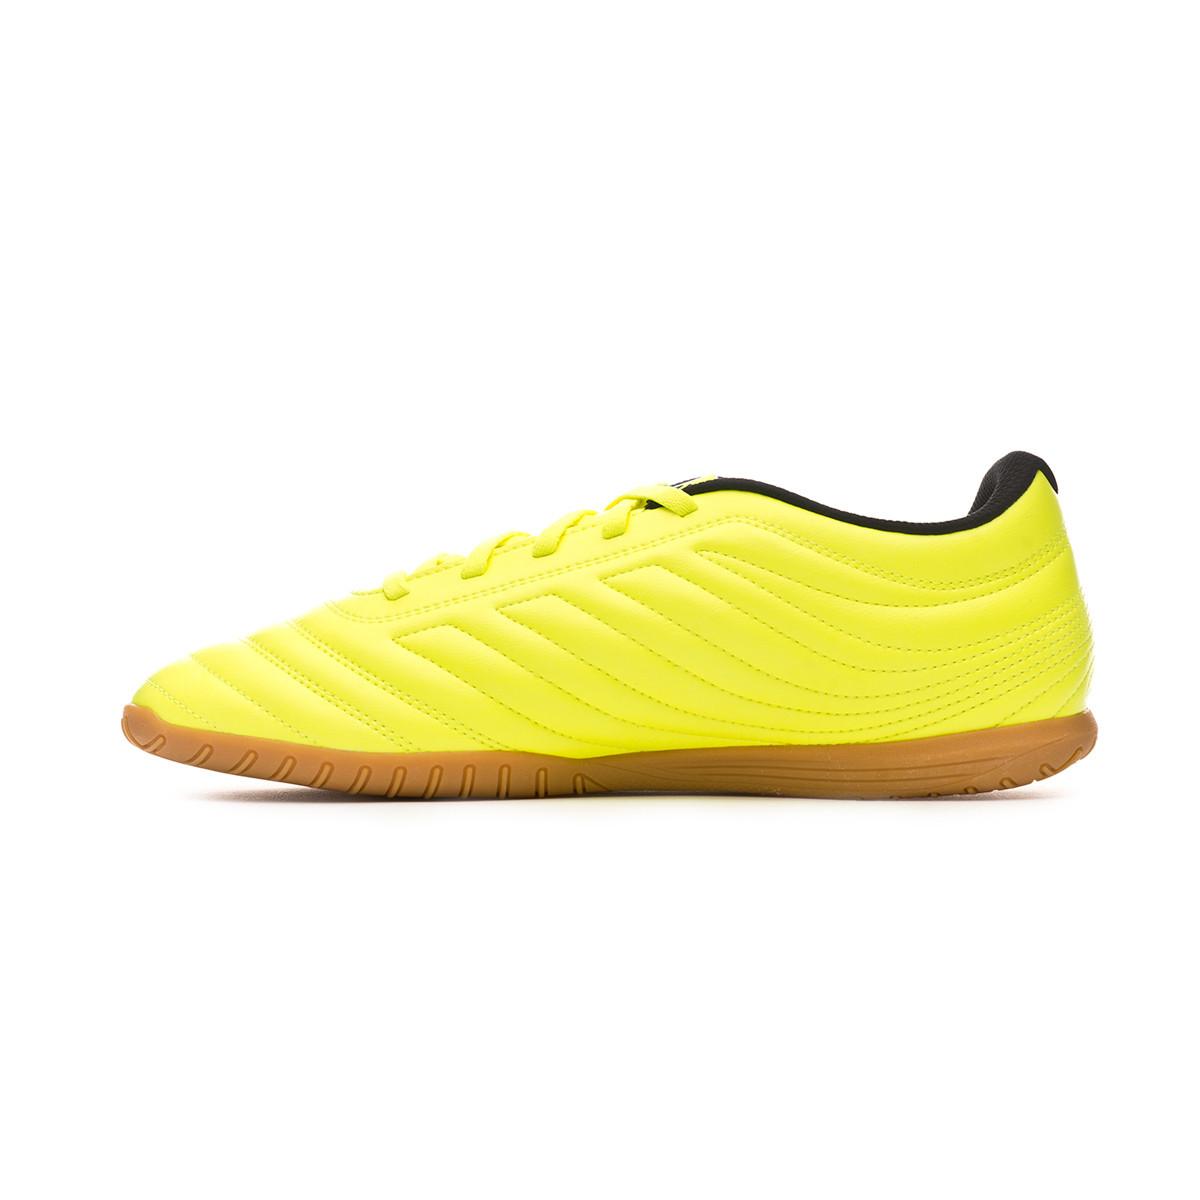 Solar Black Zapatilla 19 4 Core In Copa Yellow SUMqzVpG